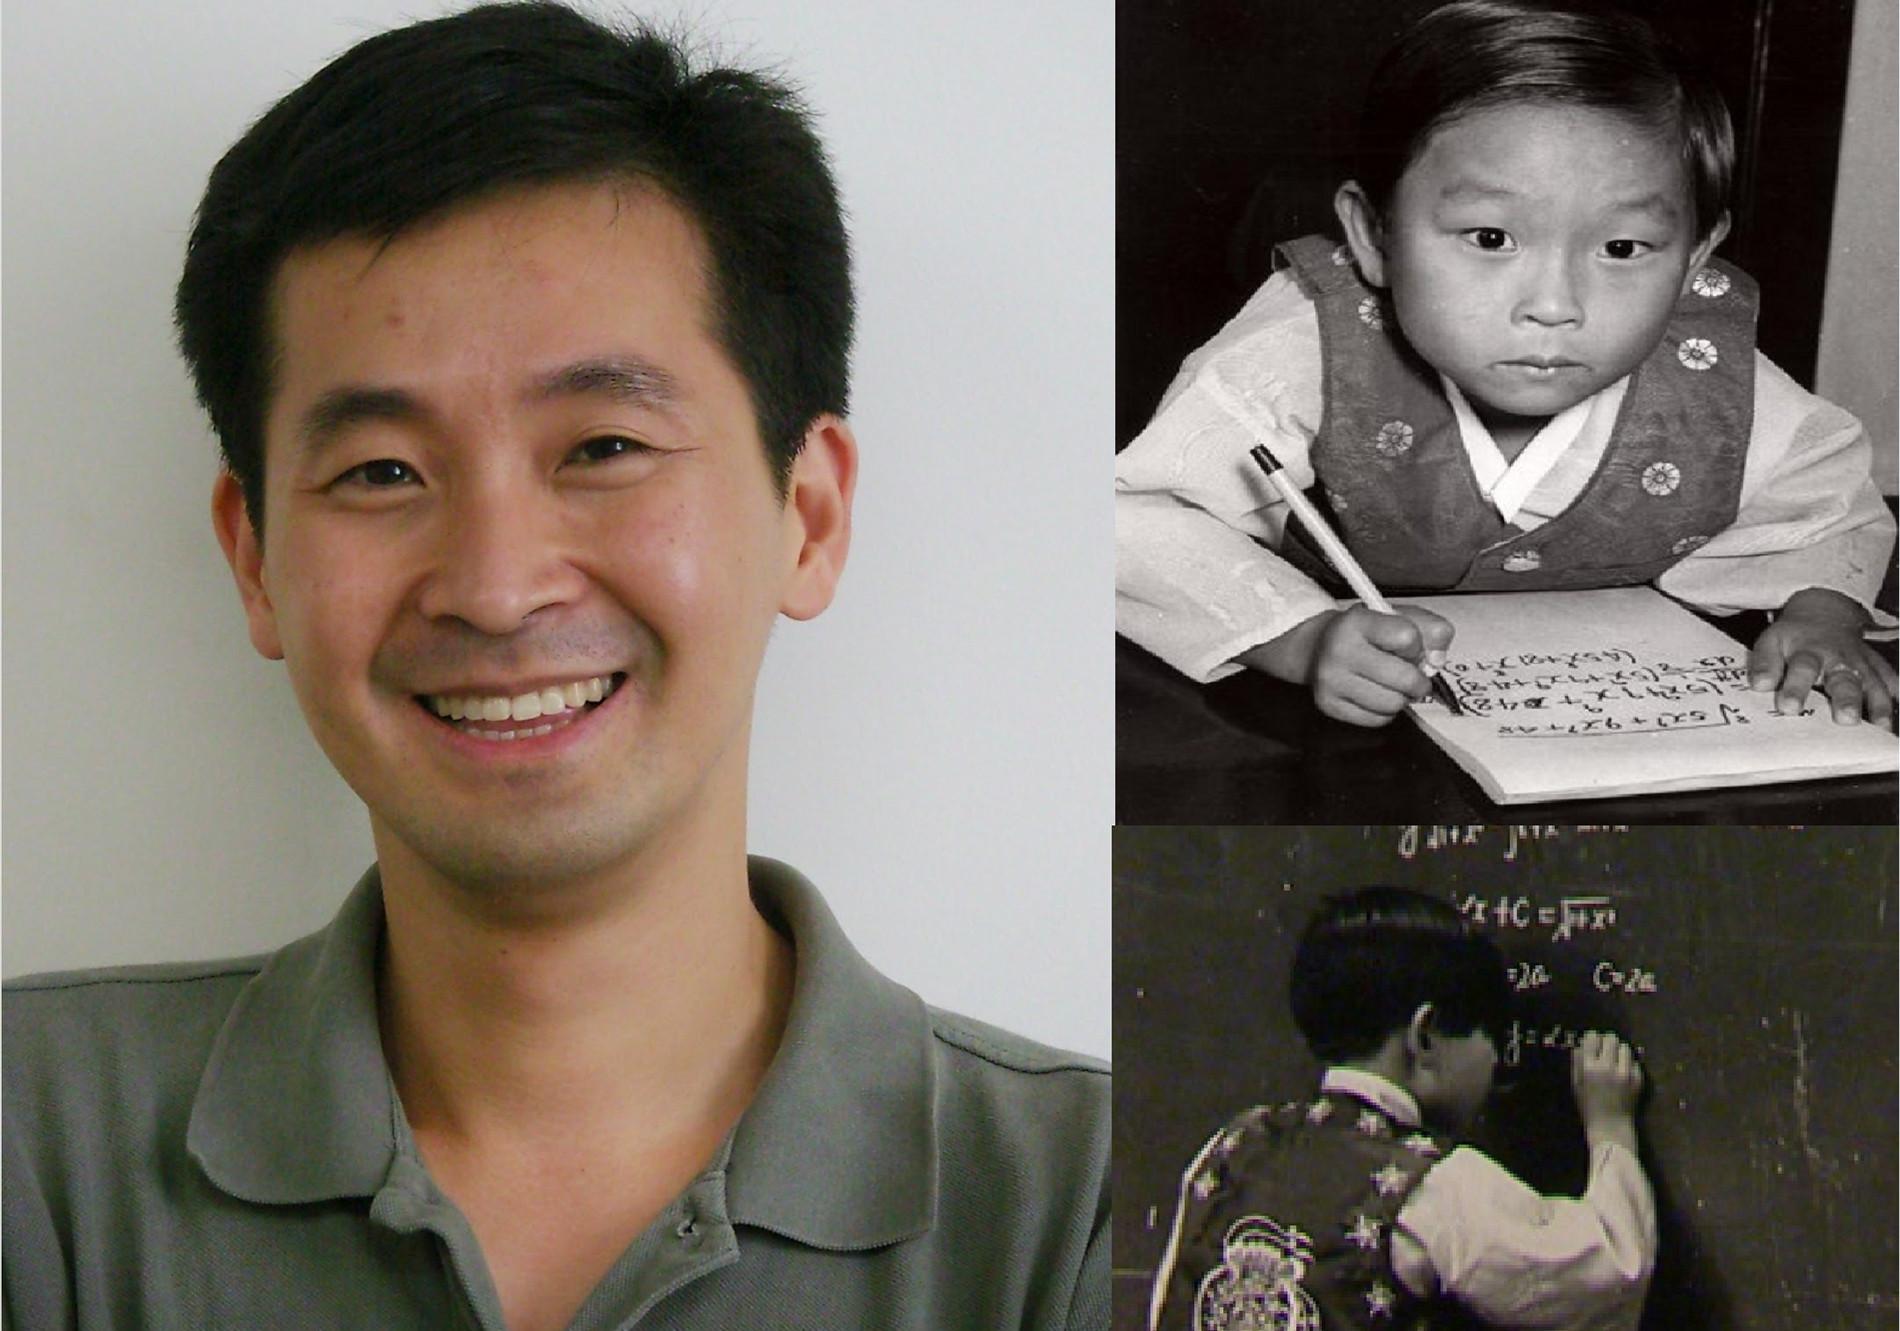 Kim Ung-Yong (IQ 210) sinh năm 1963, người Hàn Quốc, biết nói khi mới 6 tháng tuổi, đọc lưu loát nhiều thứ tiếng năm 2 tuổi và năm 3 tuổi đã học đại học. Ông tham gia nghiên cứu công trình của NASA năm 8 tuổi, lấy bằng tiến sĩ Vật lý tại Mỹ năm 14 tuổi.